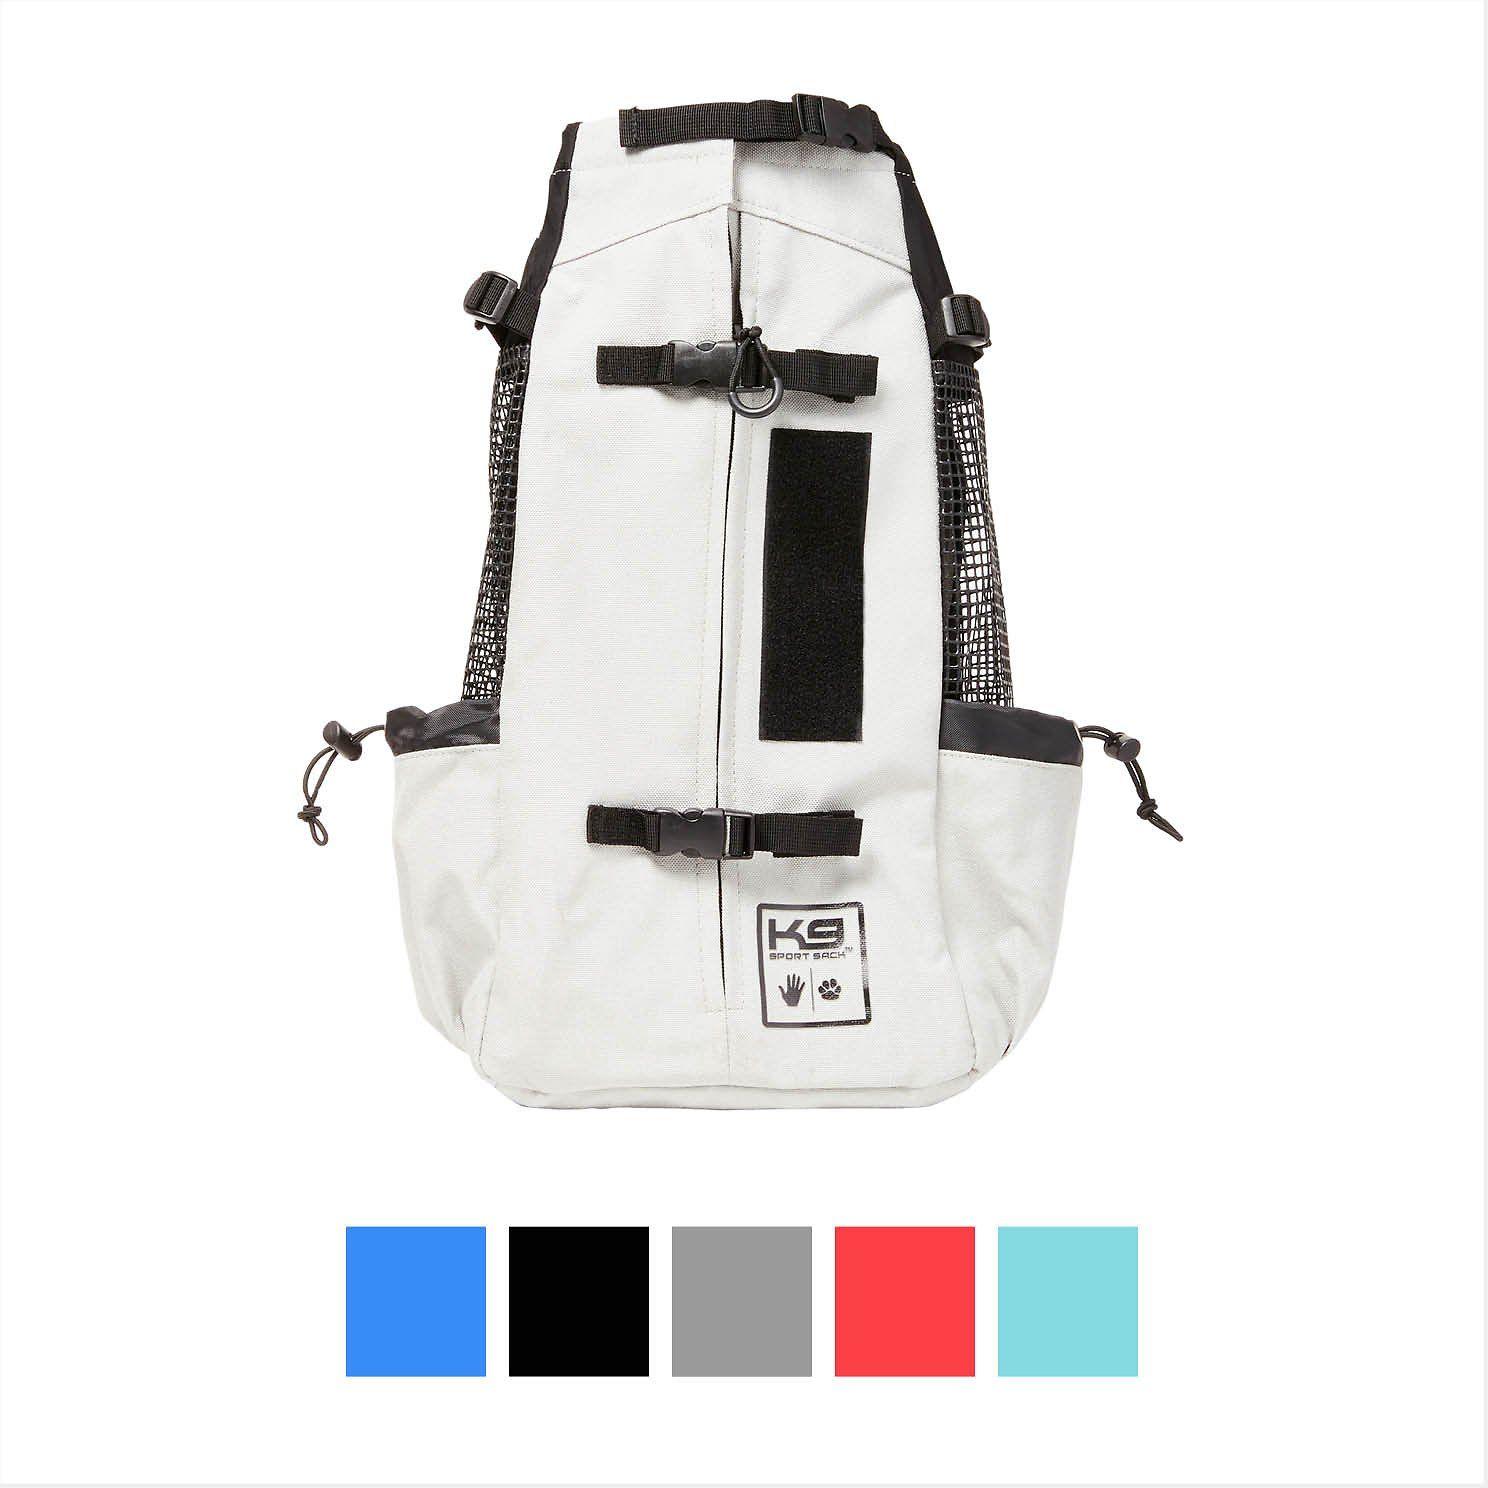 K9 Sport Sack Air Forward Facing Backpack Dog Carrier